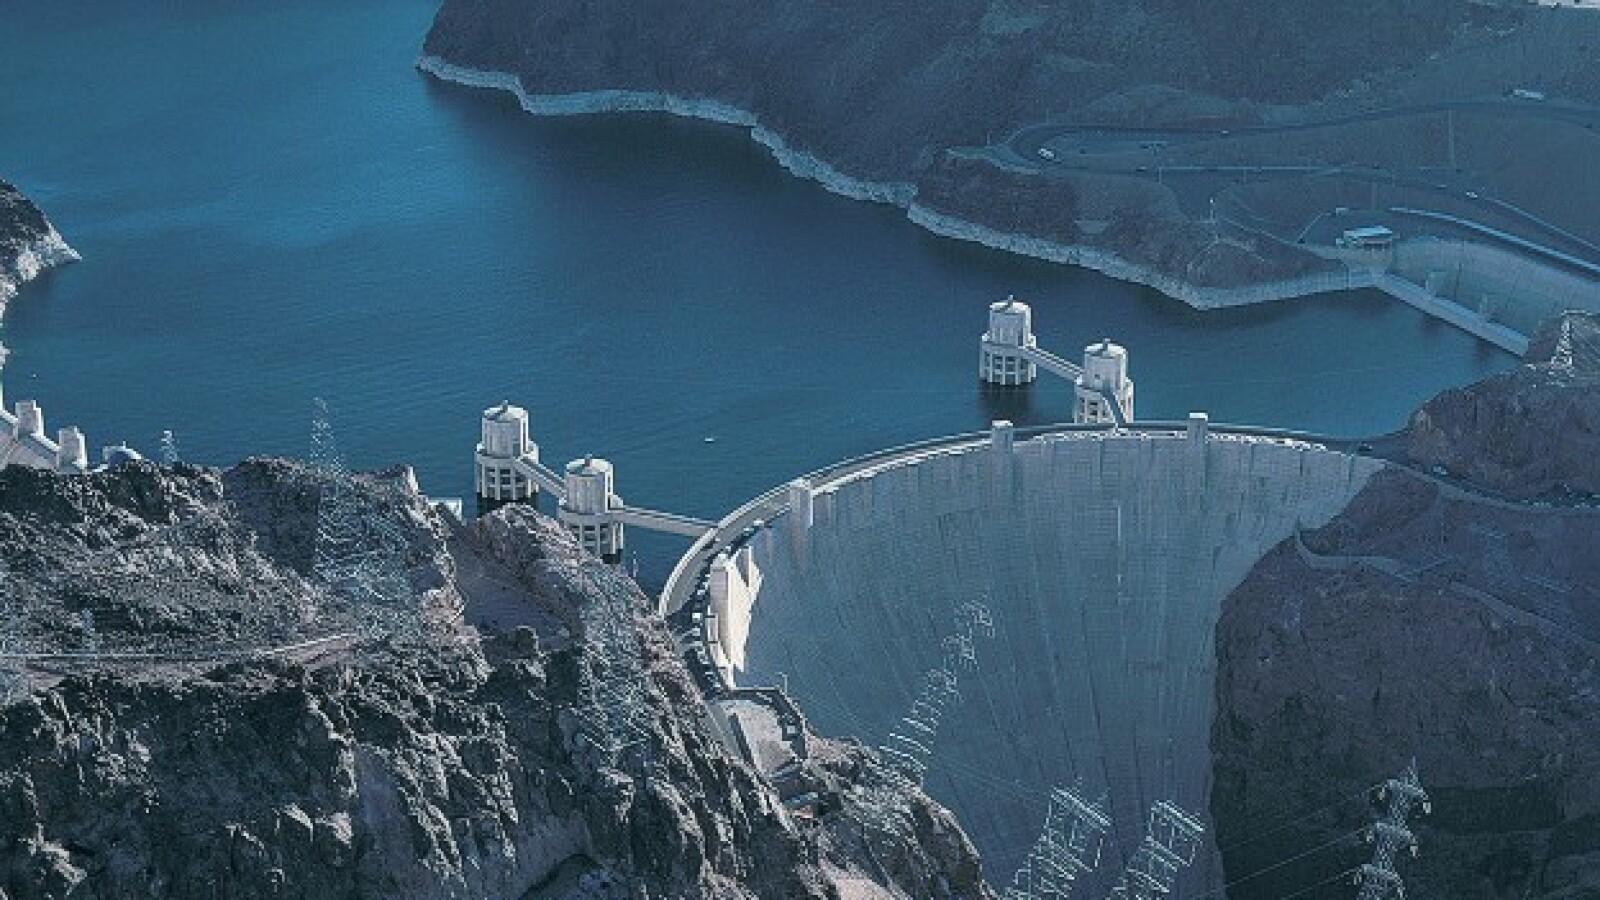 presa Hoover Arizona